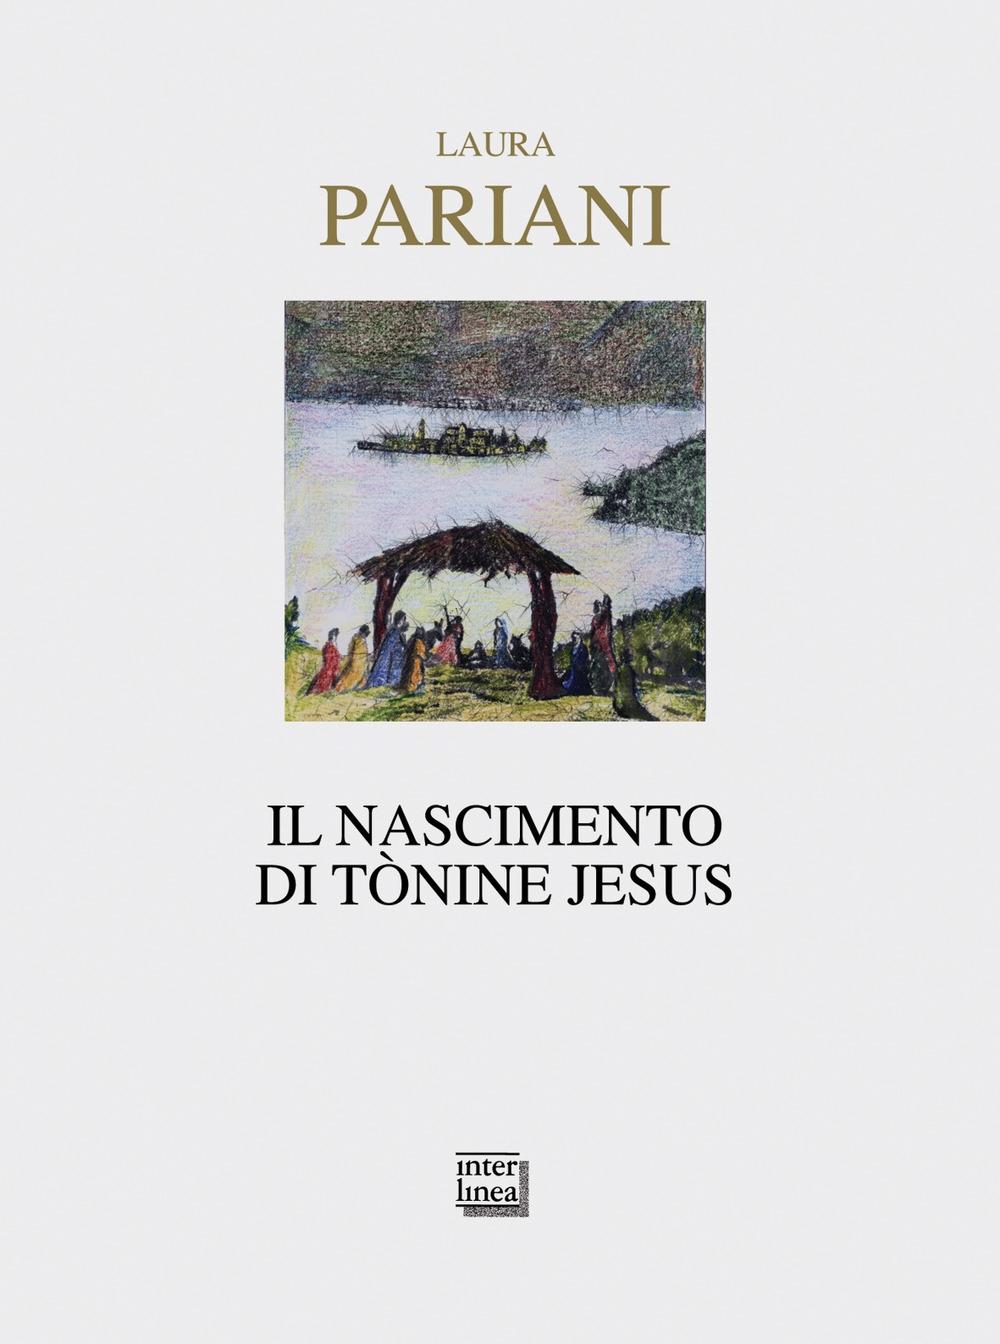 Il nascimento di Tonine Jesus